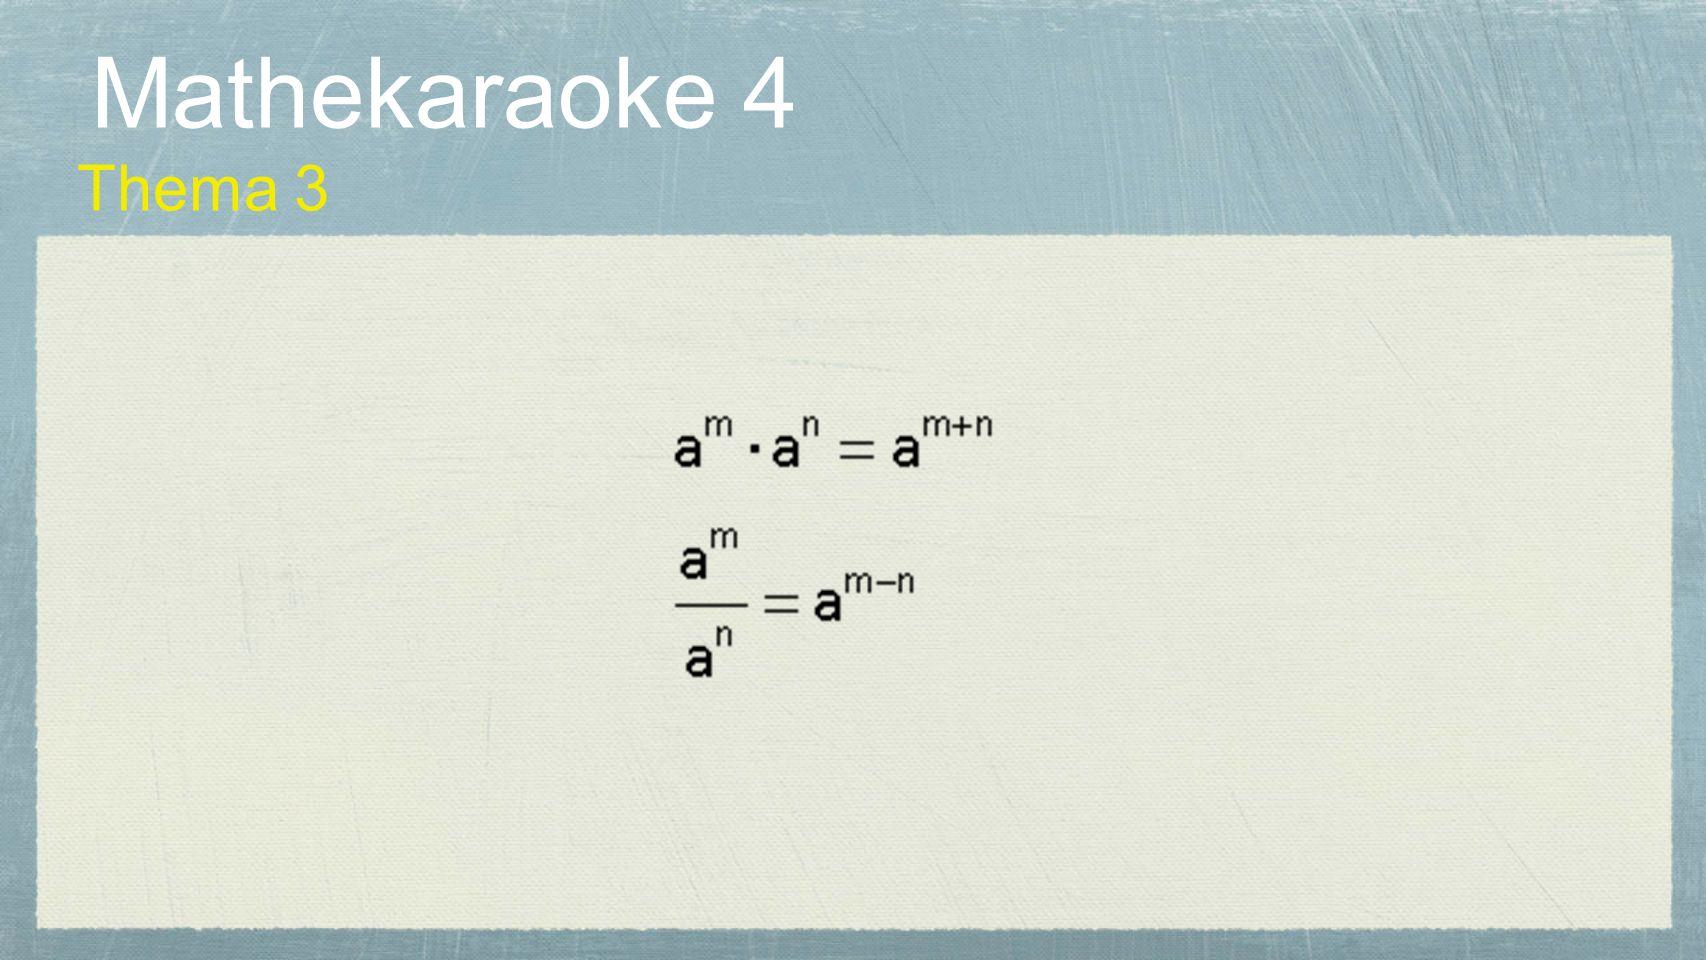 Mathekaraoke 4 Thema 3